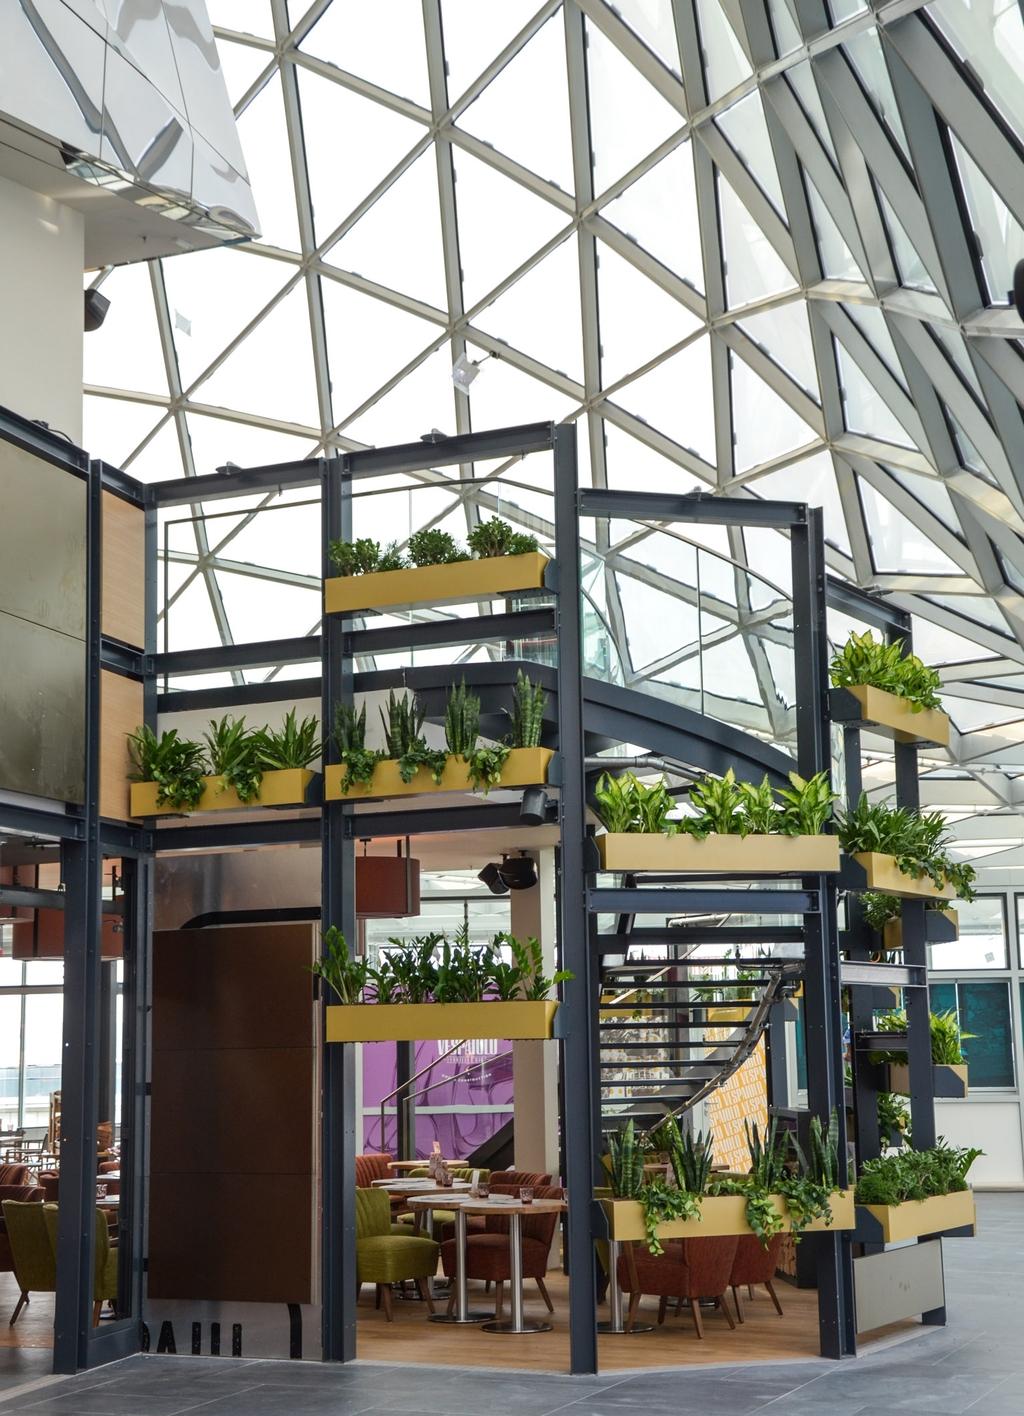 Bild: https://www.deutsches-architektur-forum.de/pics/schmittchen/alex_@myzeil_08.jpg